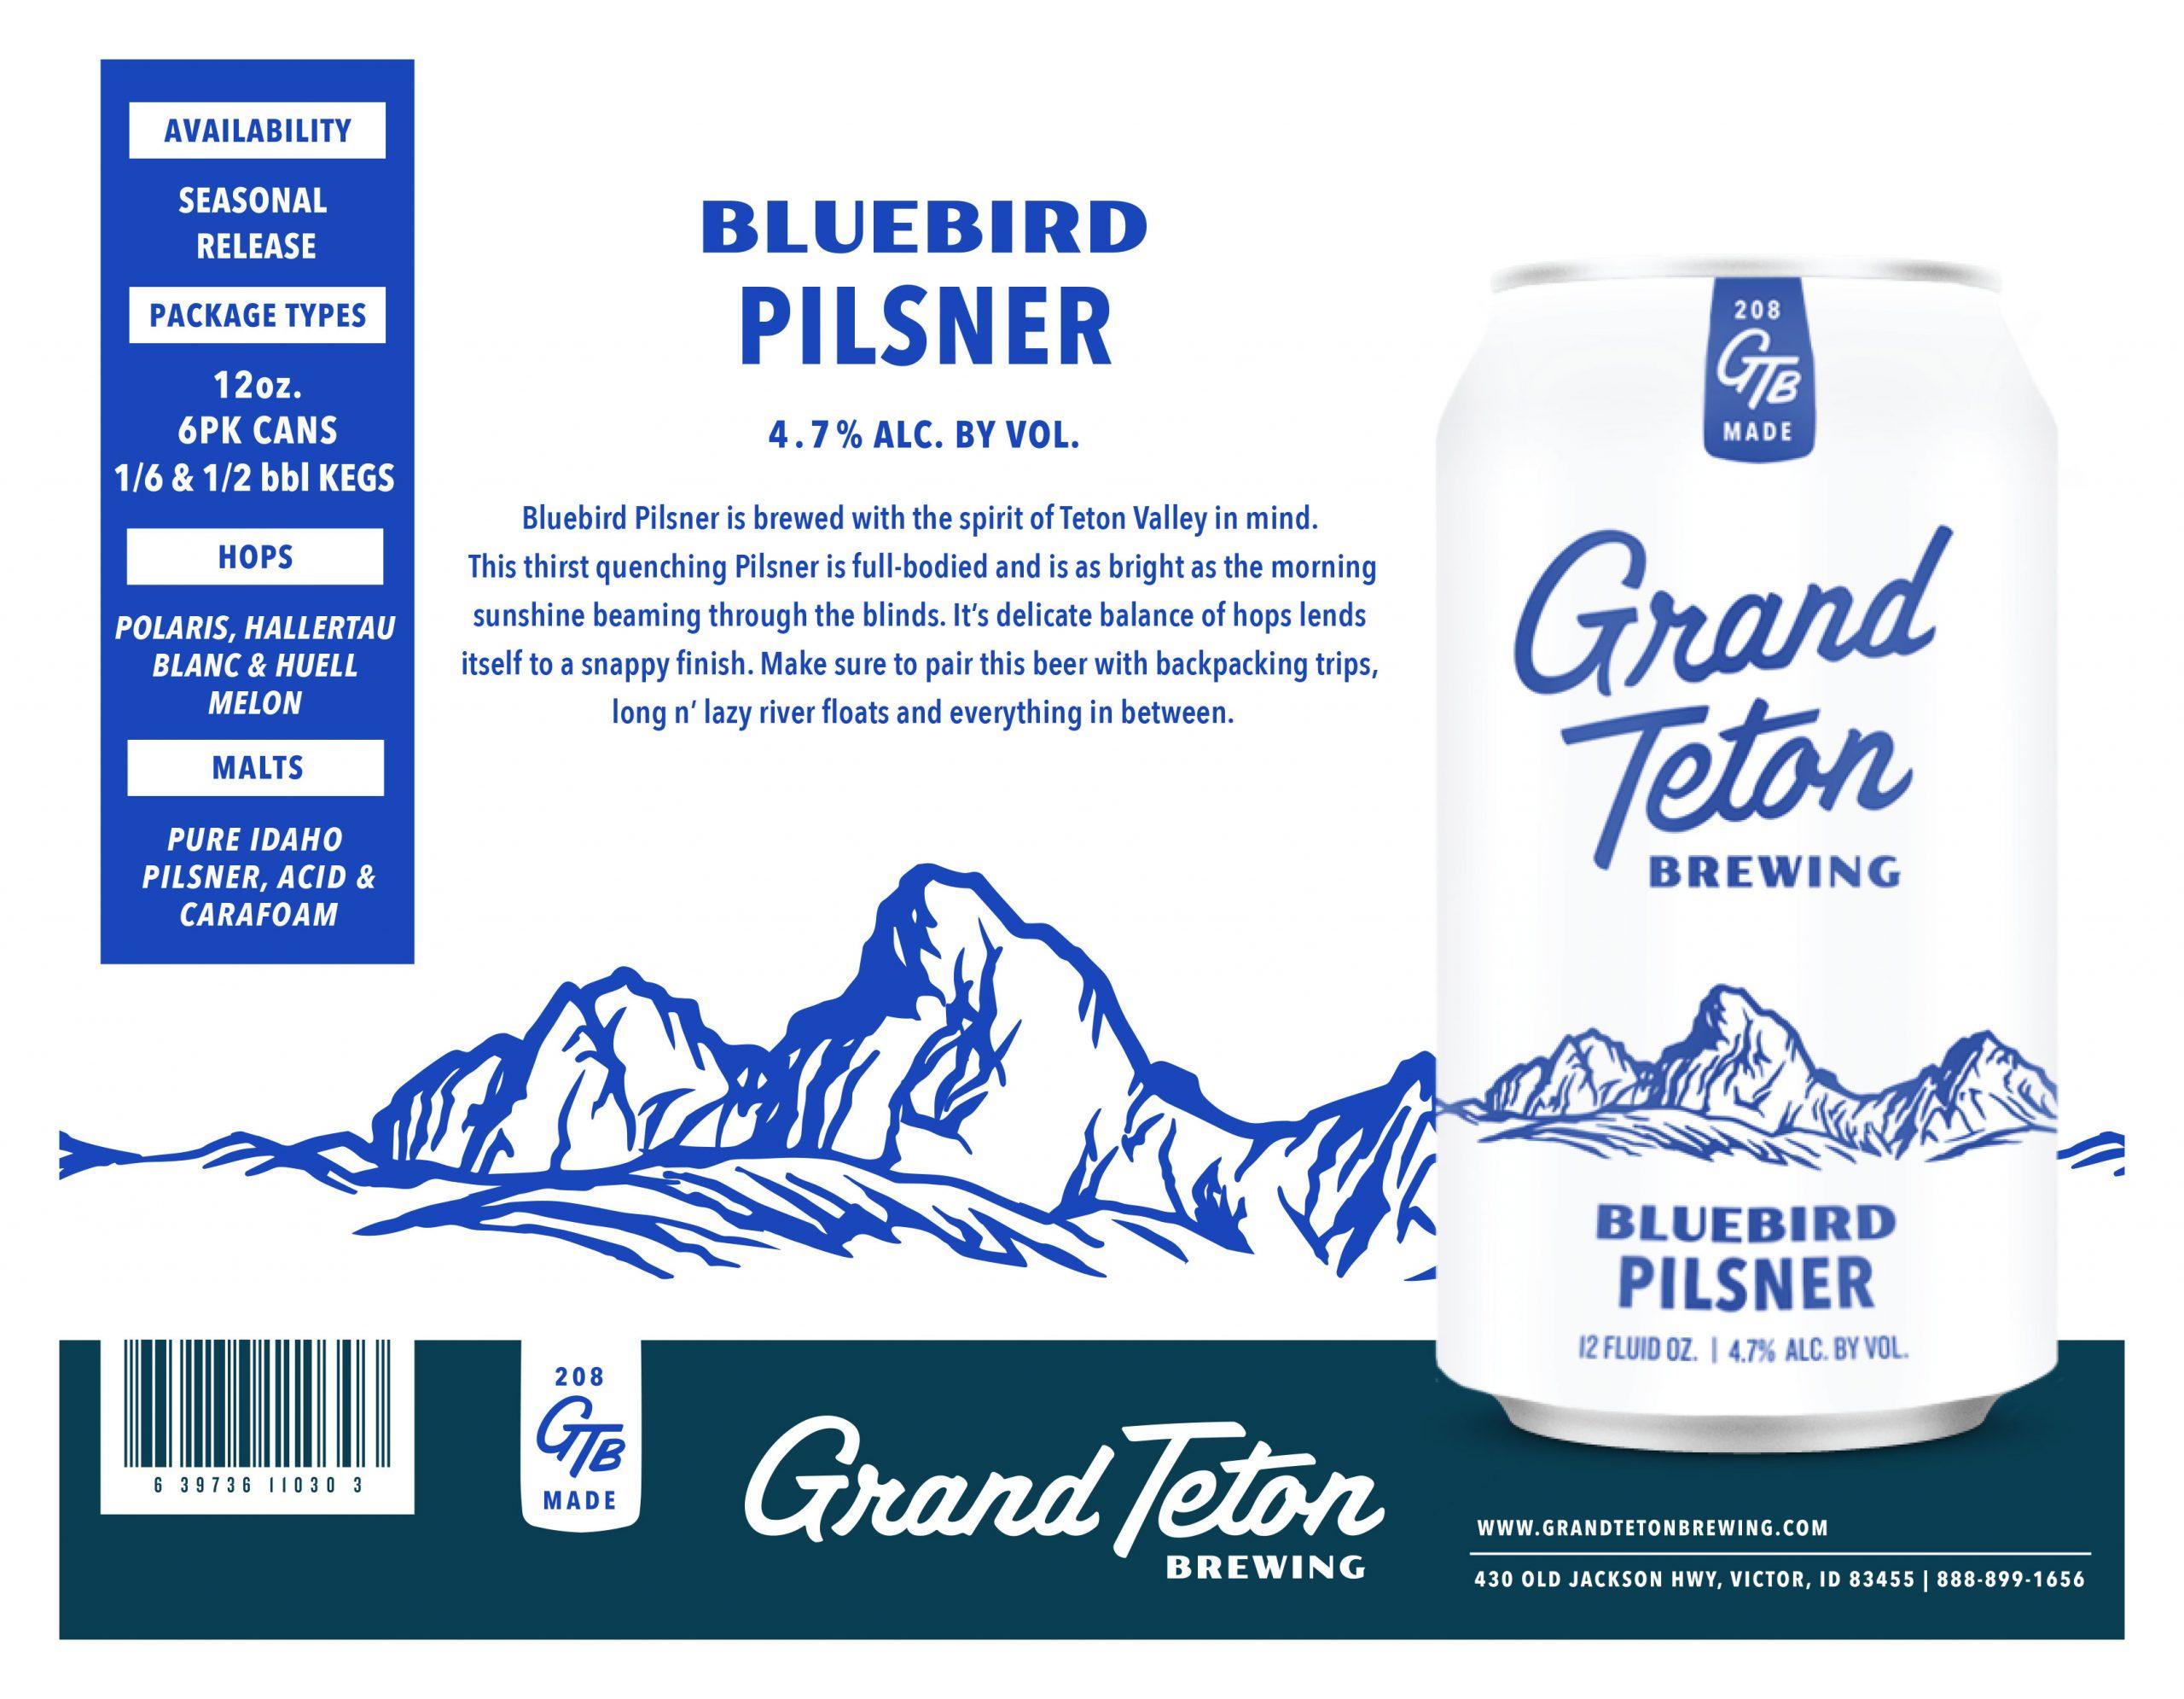 Bluebird Pilsner